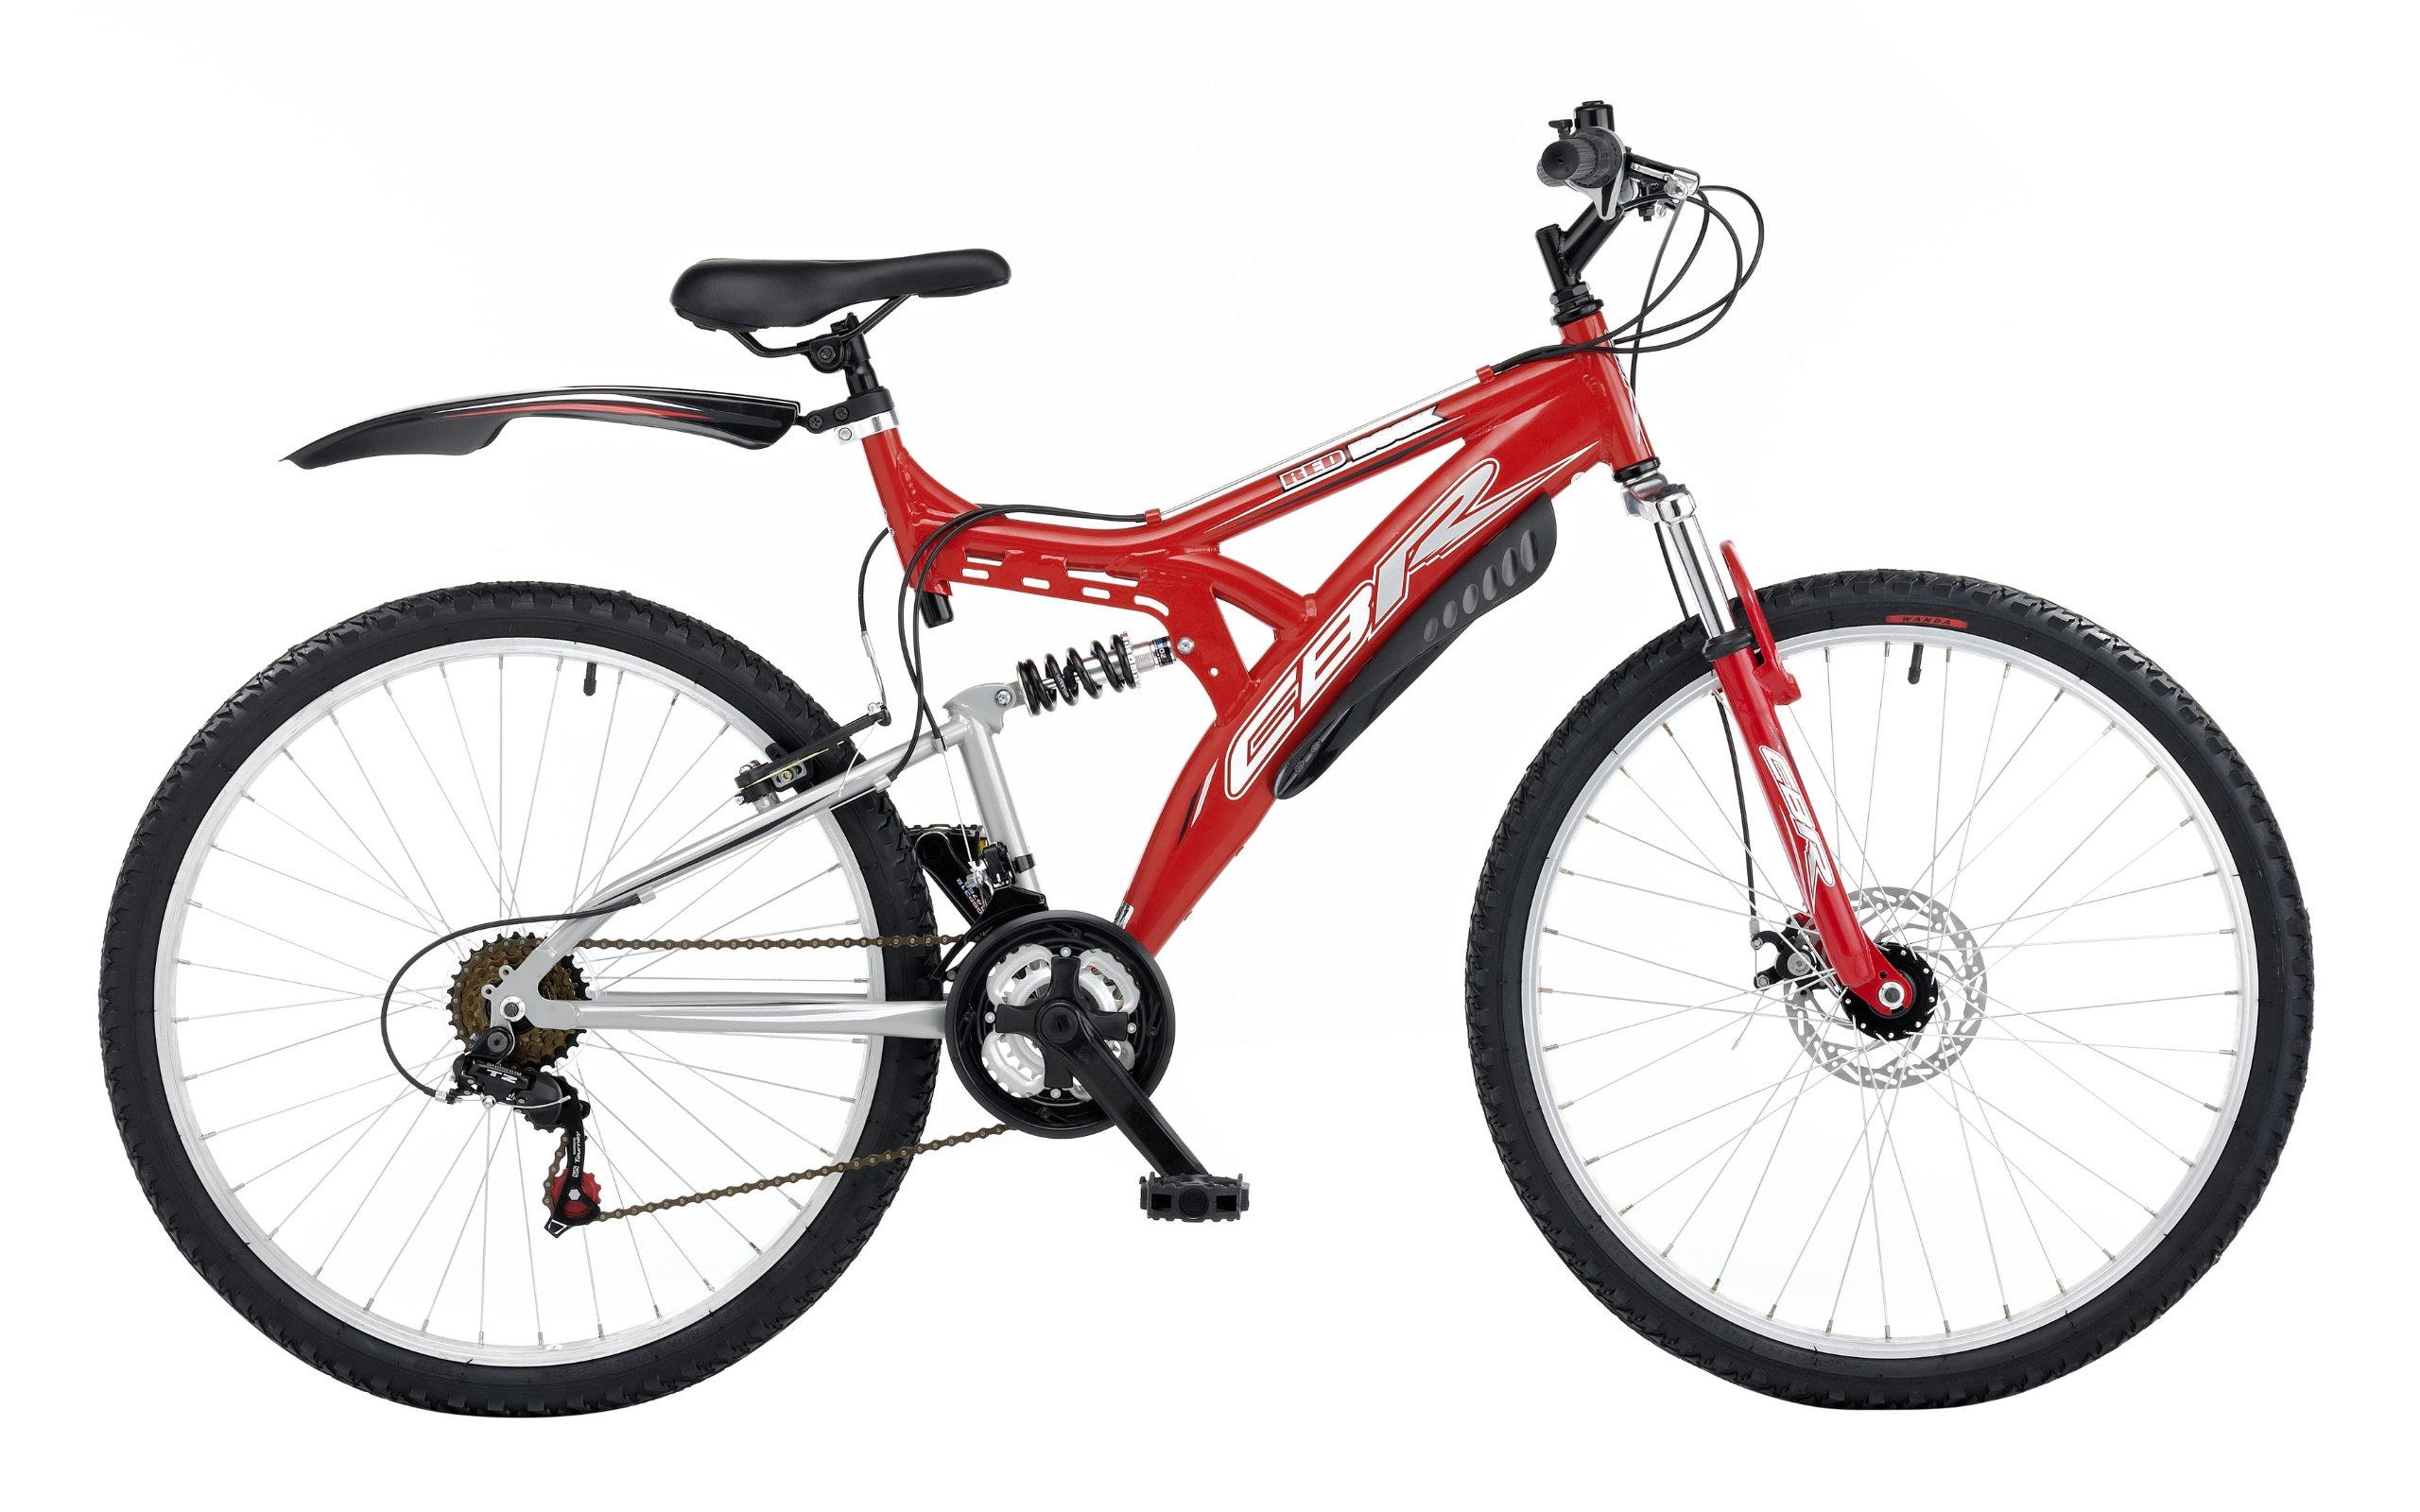 CBR 9679180 - Bicicleta de montaña para Hombre, Talla M (165-172 ...